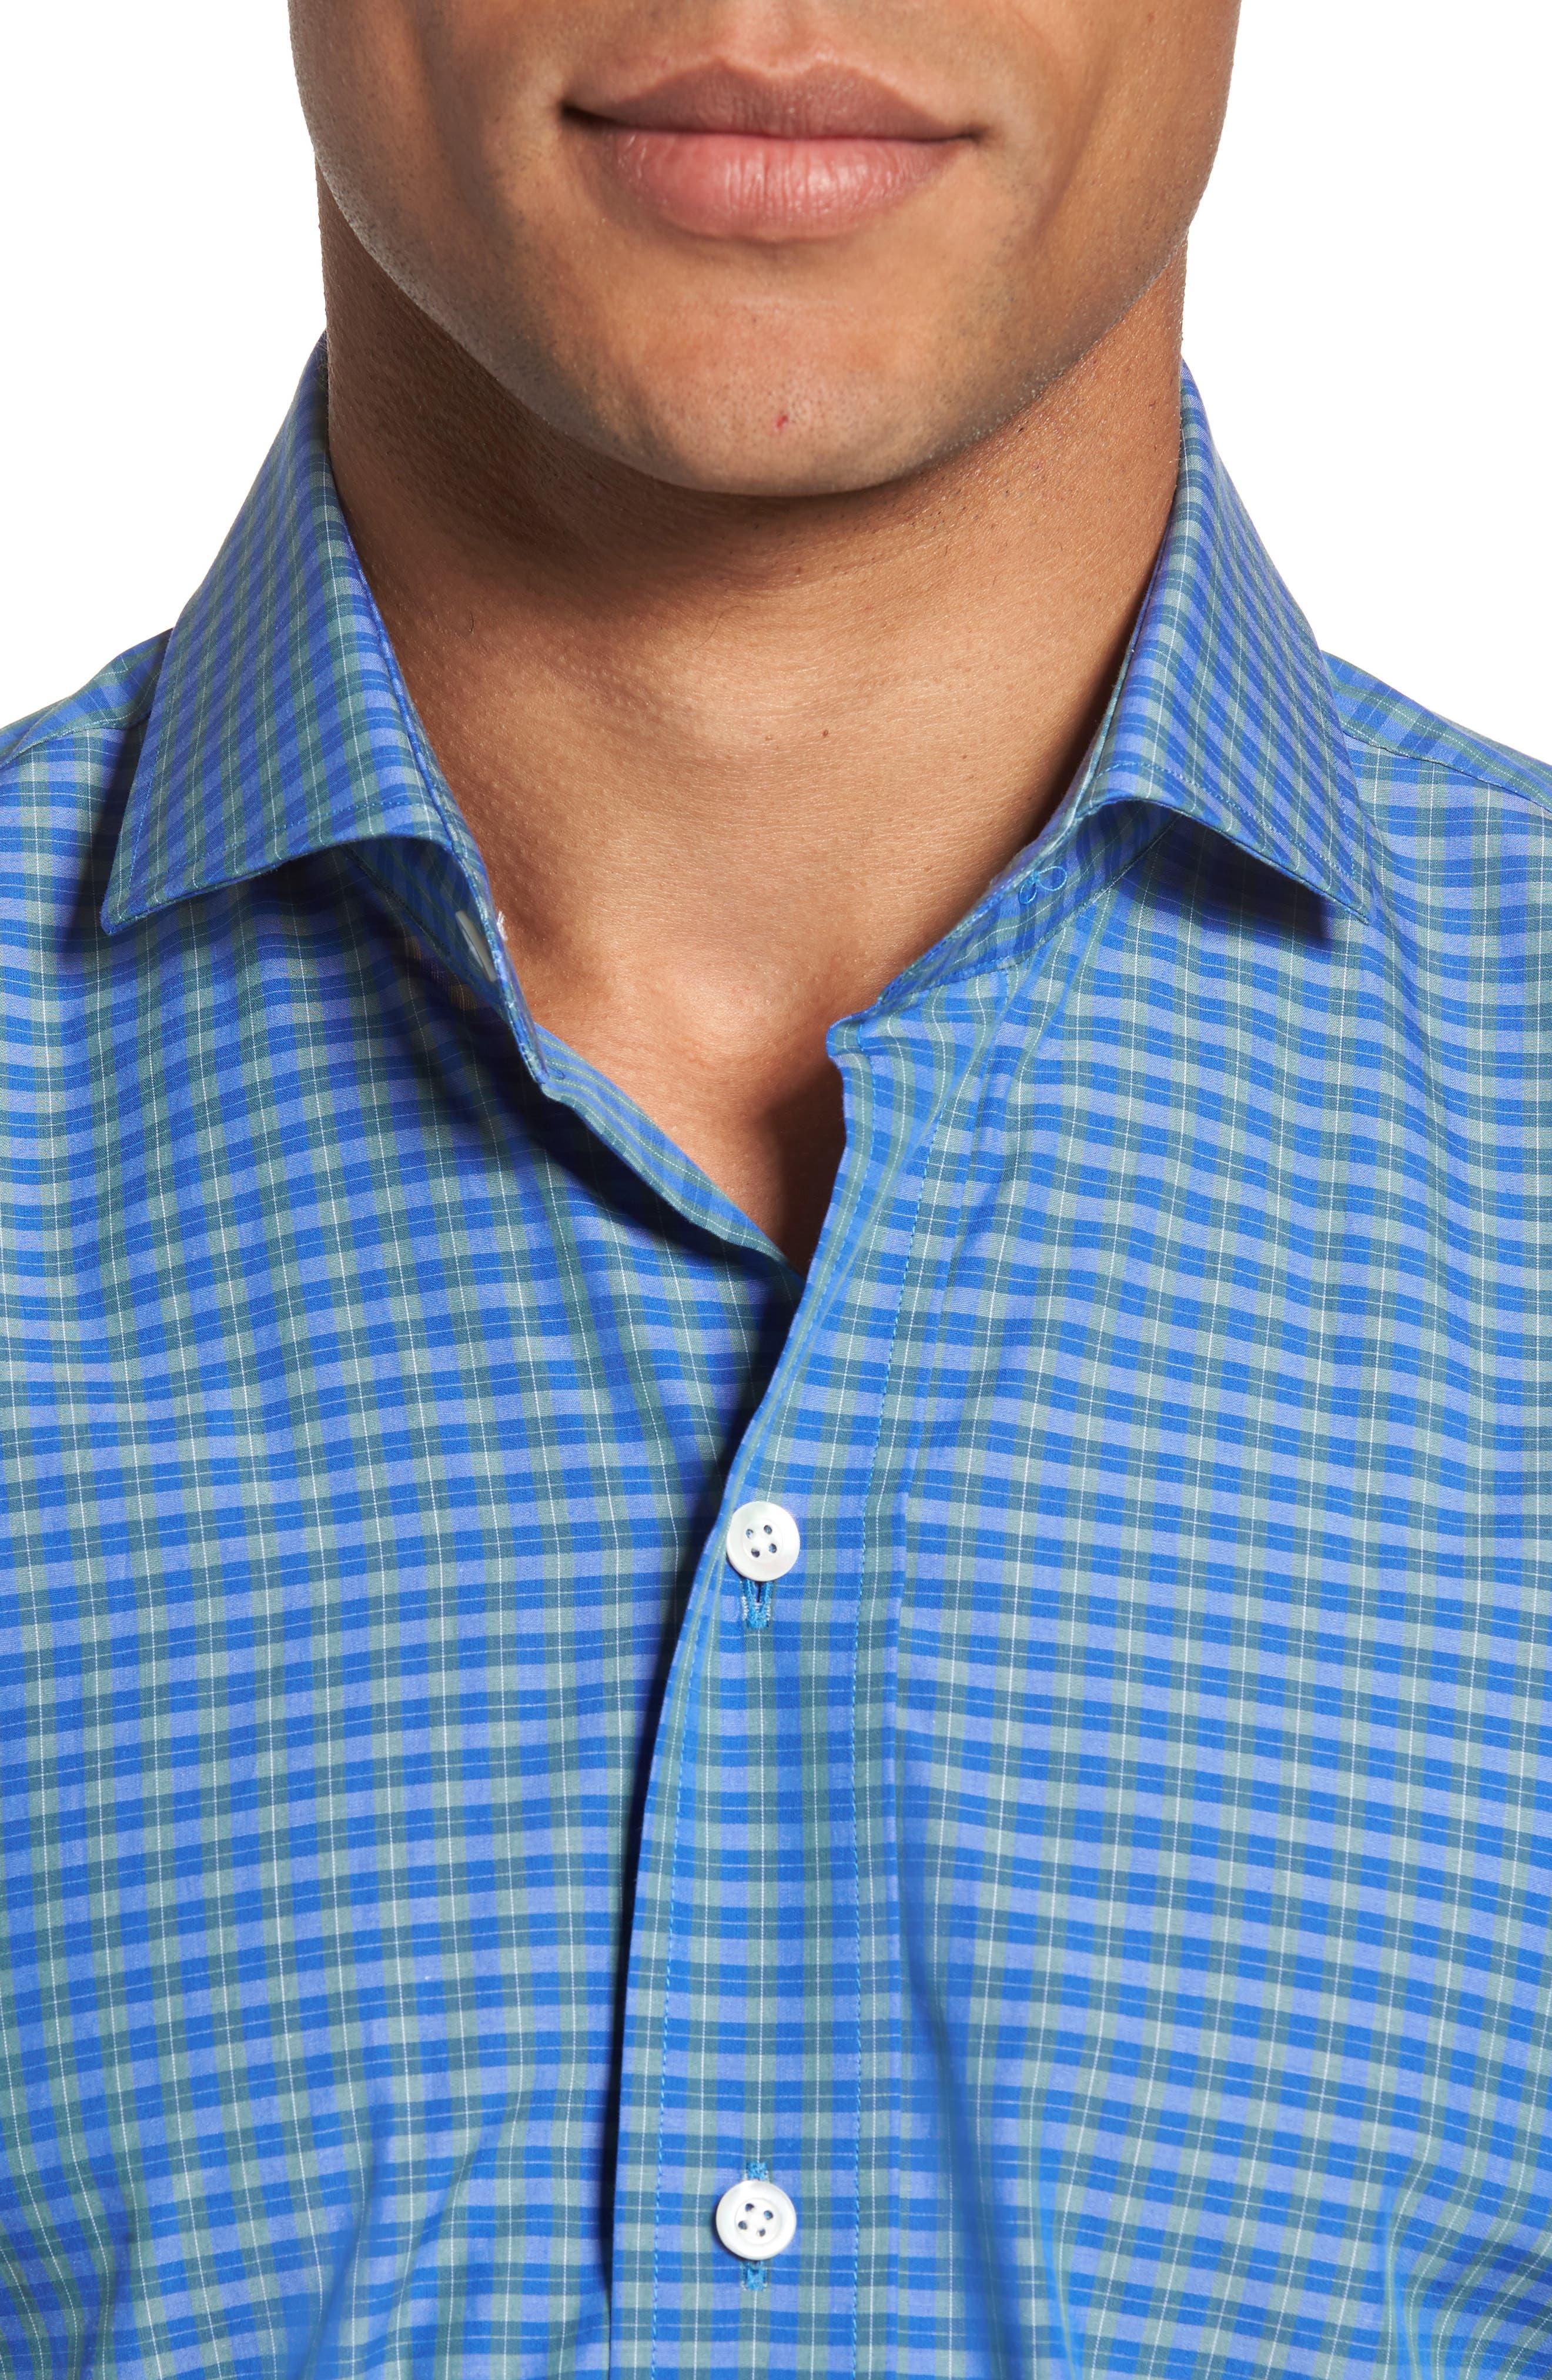 Alden Slim Fit Plaid Sport Shirt,                             Alternate thumbnail 4, color,                             306